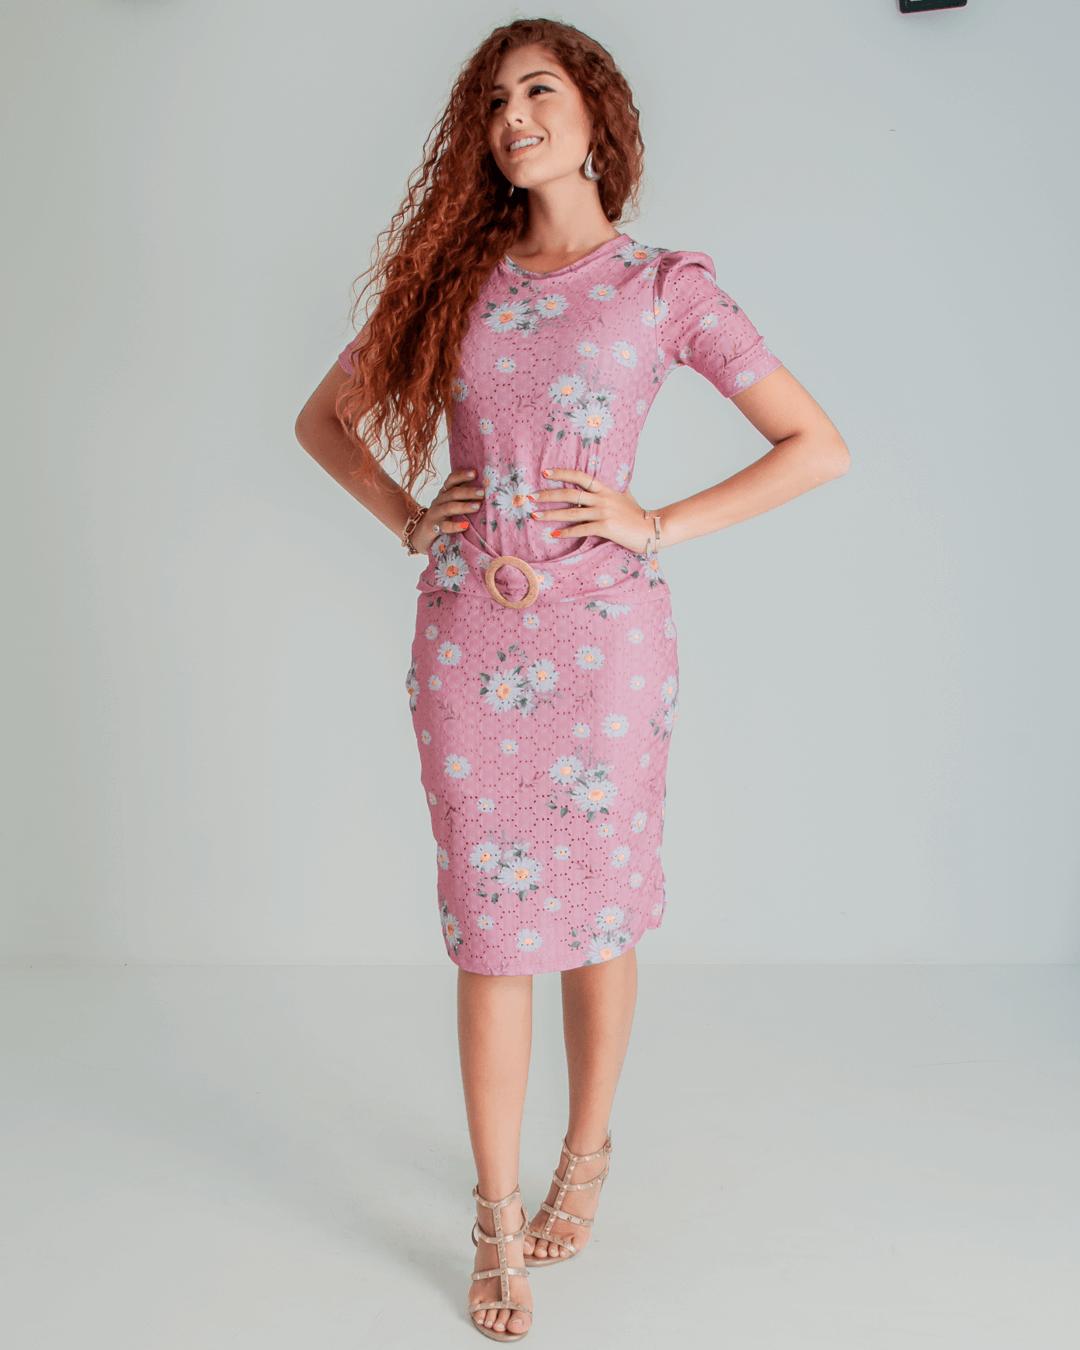 Vestido-Feminino-Estampado-Lizbelli---18599-